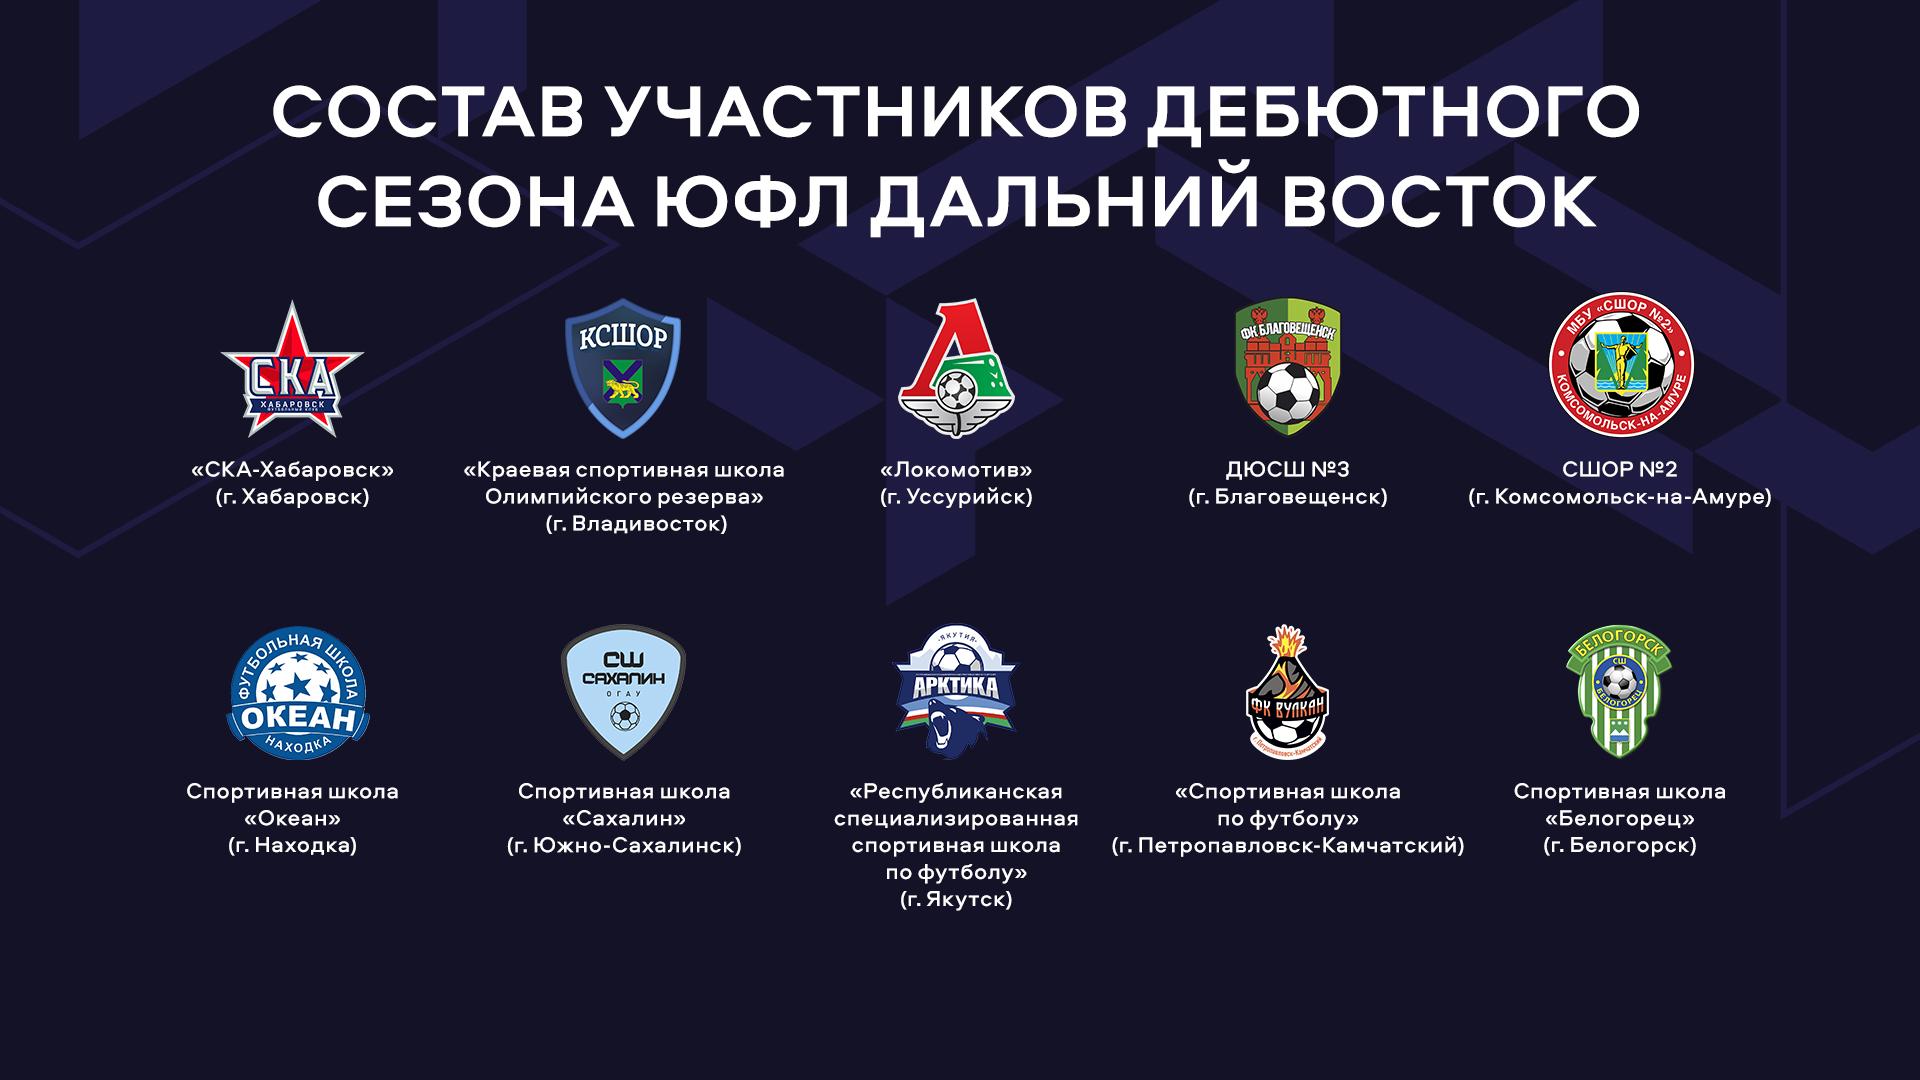 РФС запустил Юношеские футбольные лиги на Северо-Западе и Дальнем Востоке. Объясняем, почему это важно